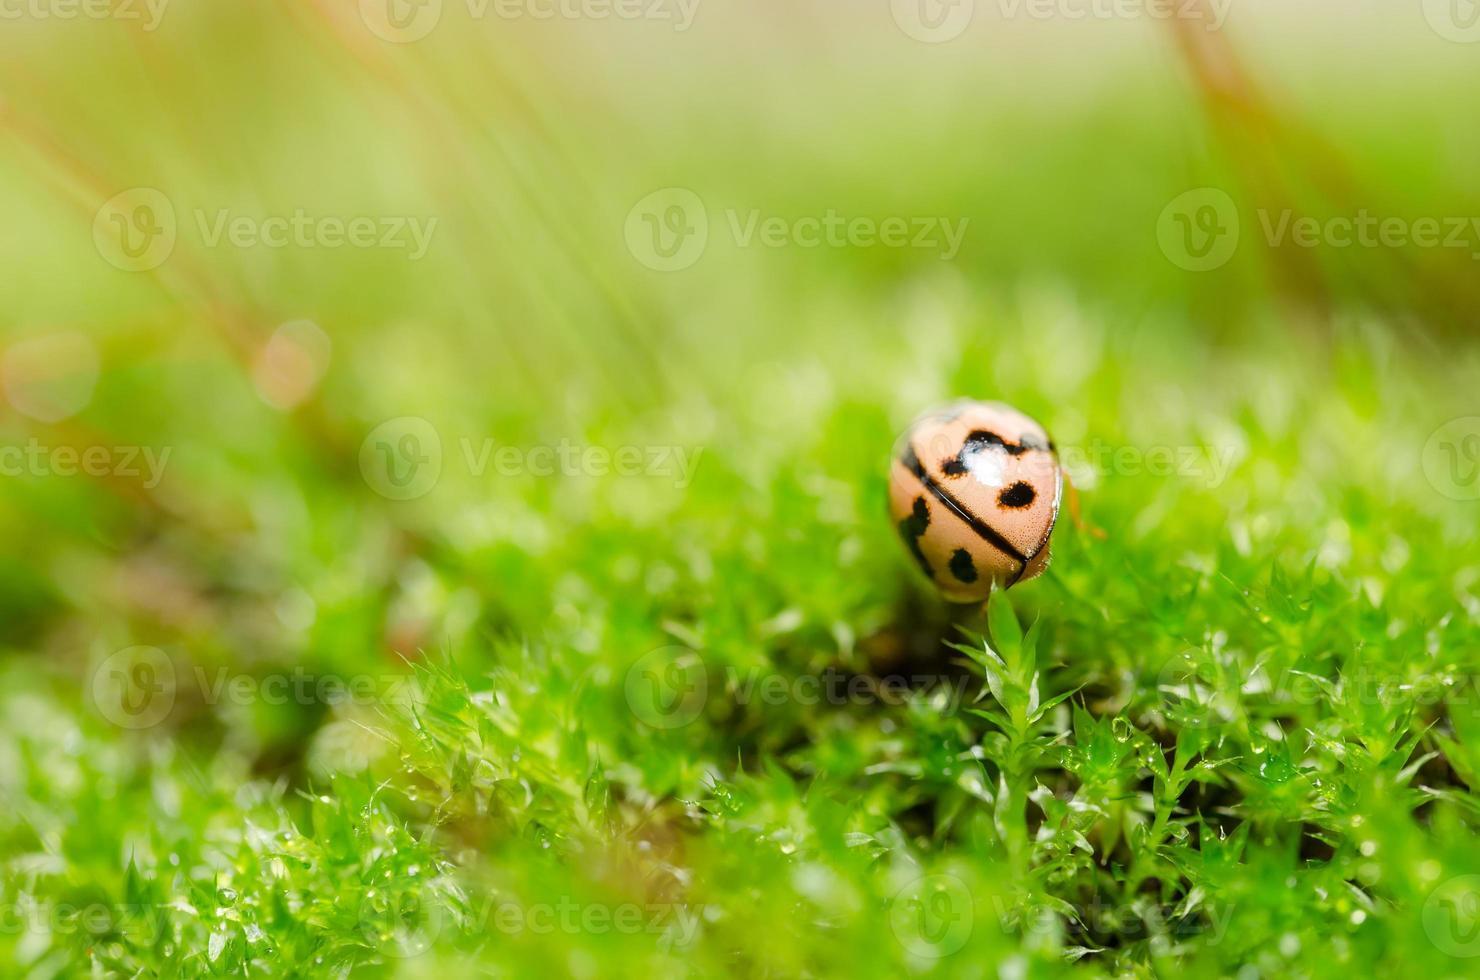 coccinella in natura verde foto